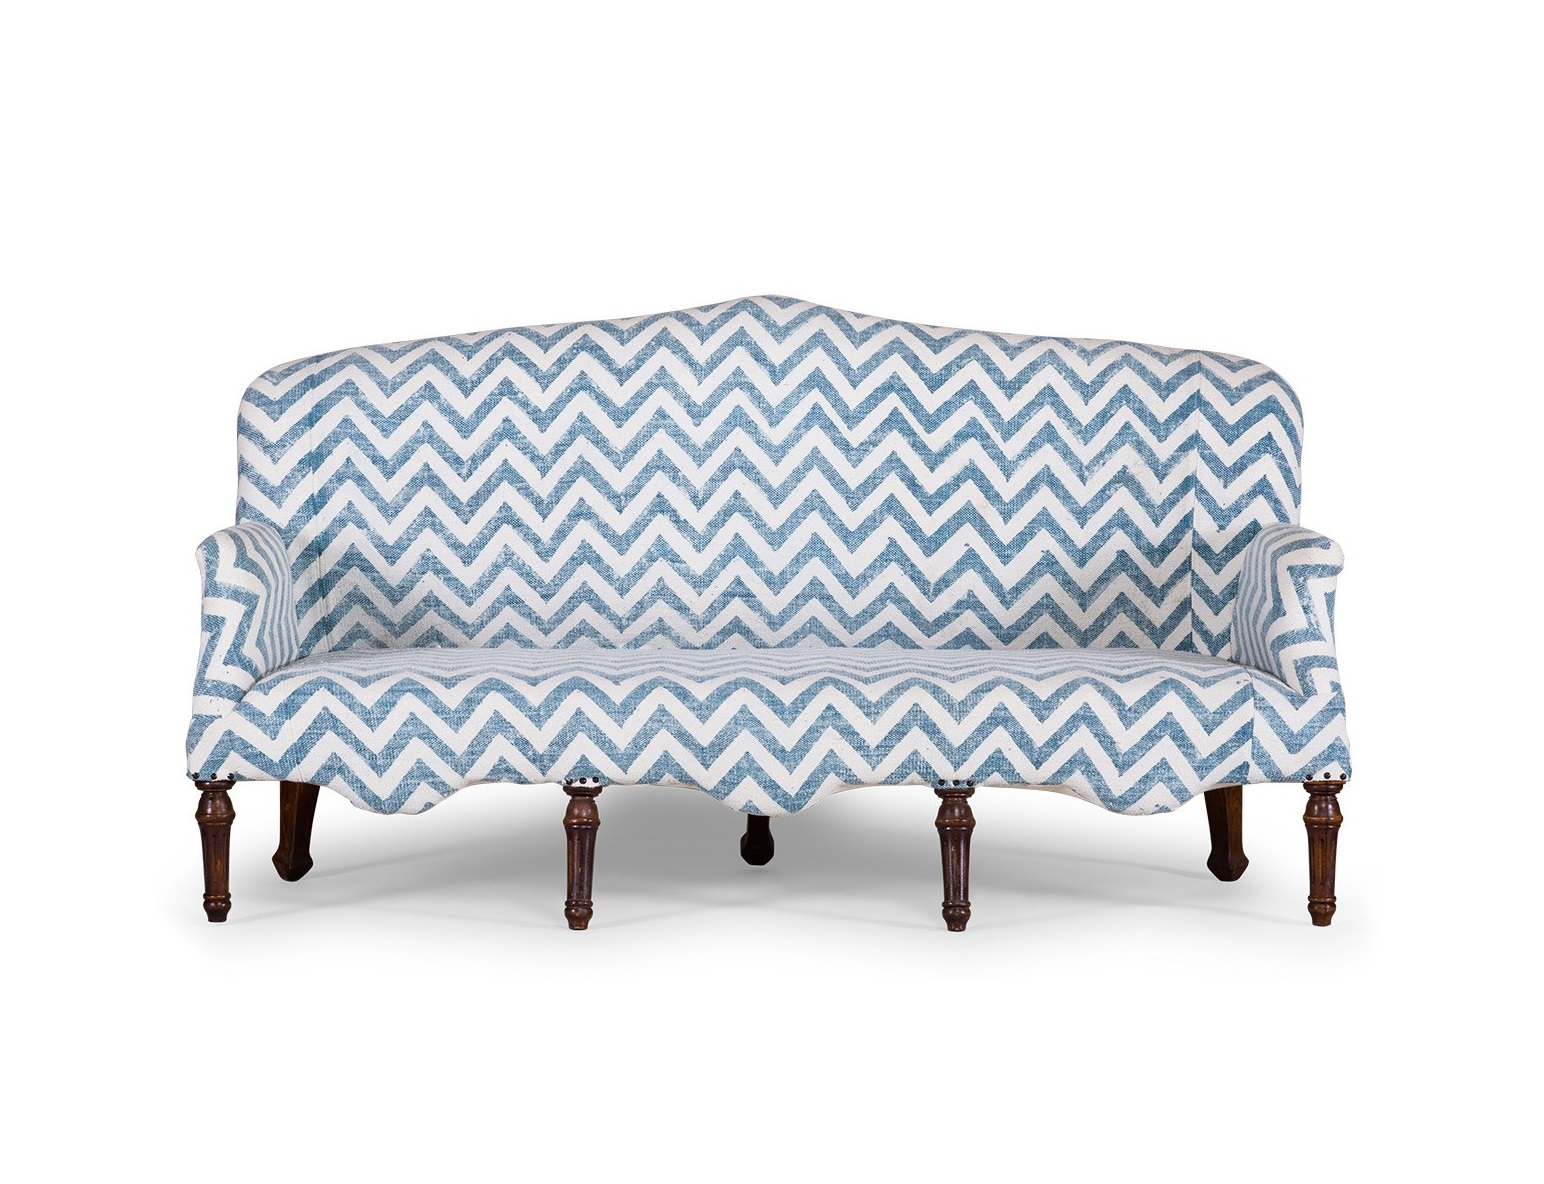 Диван MaharajahДвухместные диваны<br><br><br>Material: Текстиль<br>Ширина см: 188.0<br>Высота см: 103.0<br>Глубина см: 77.0